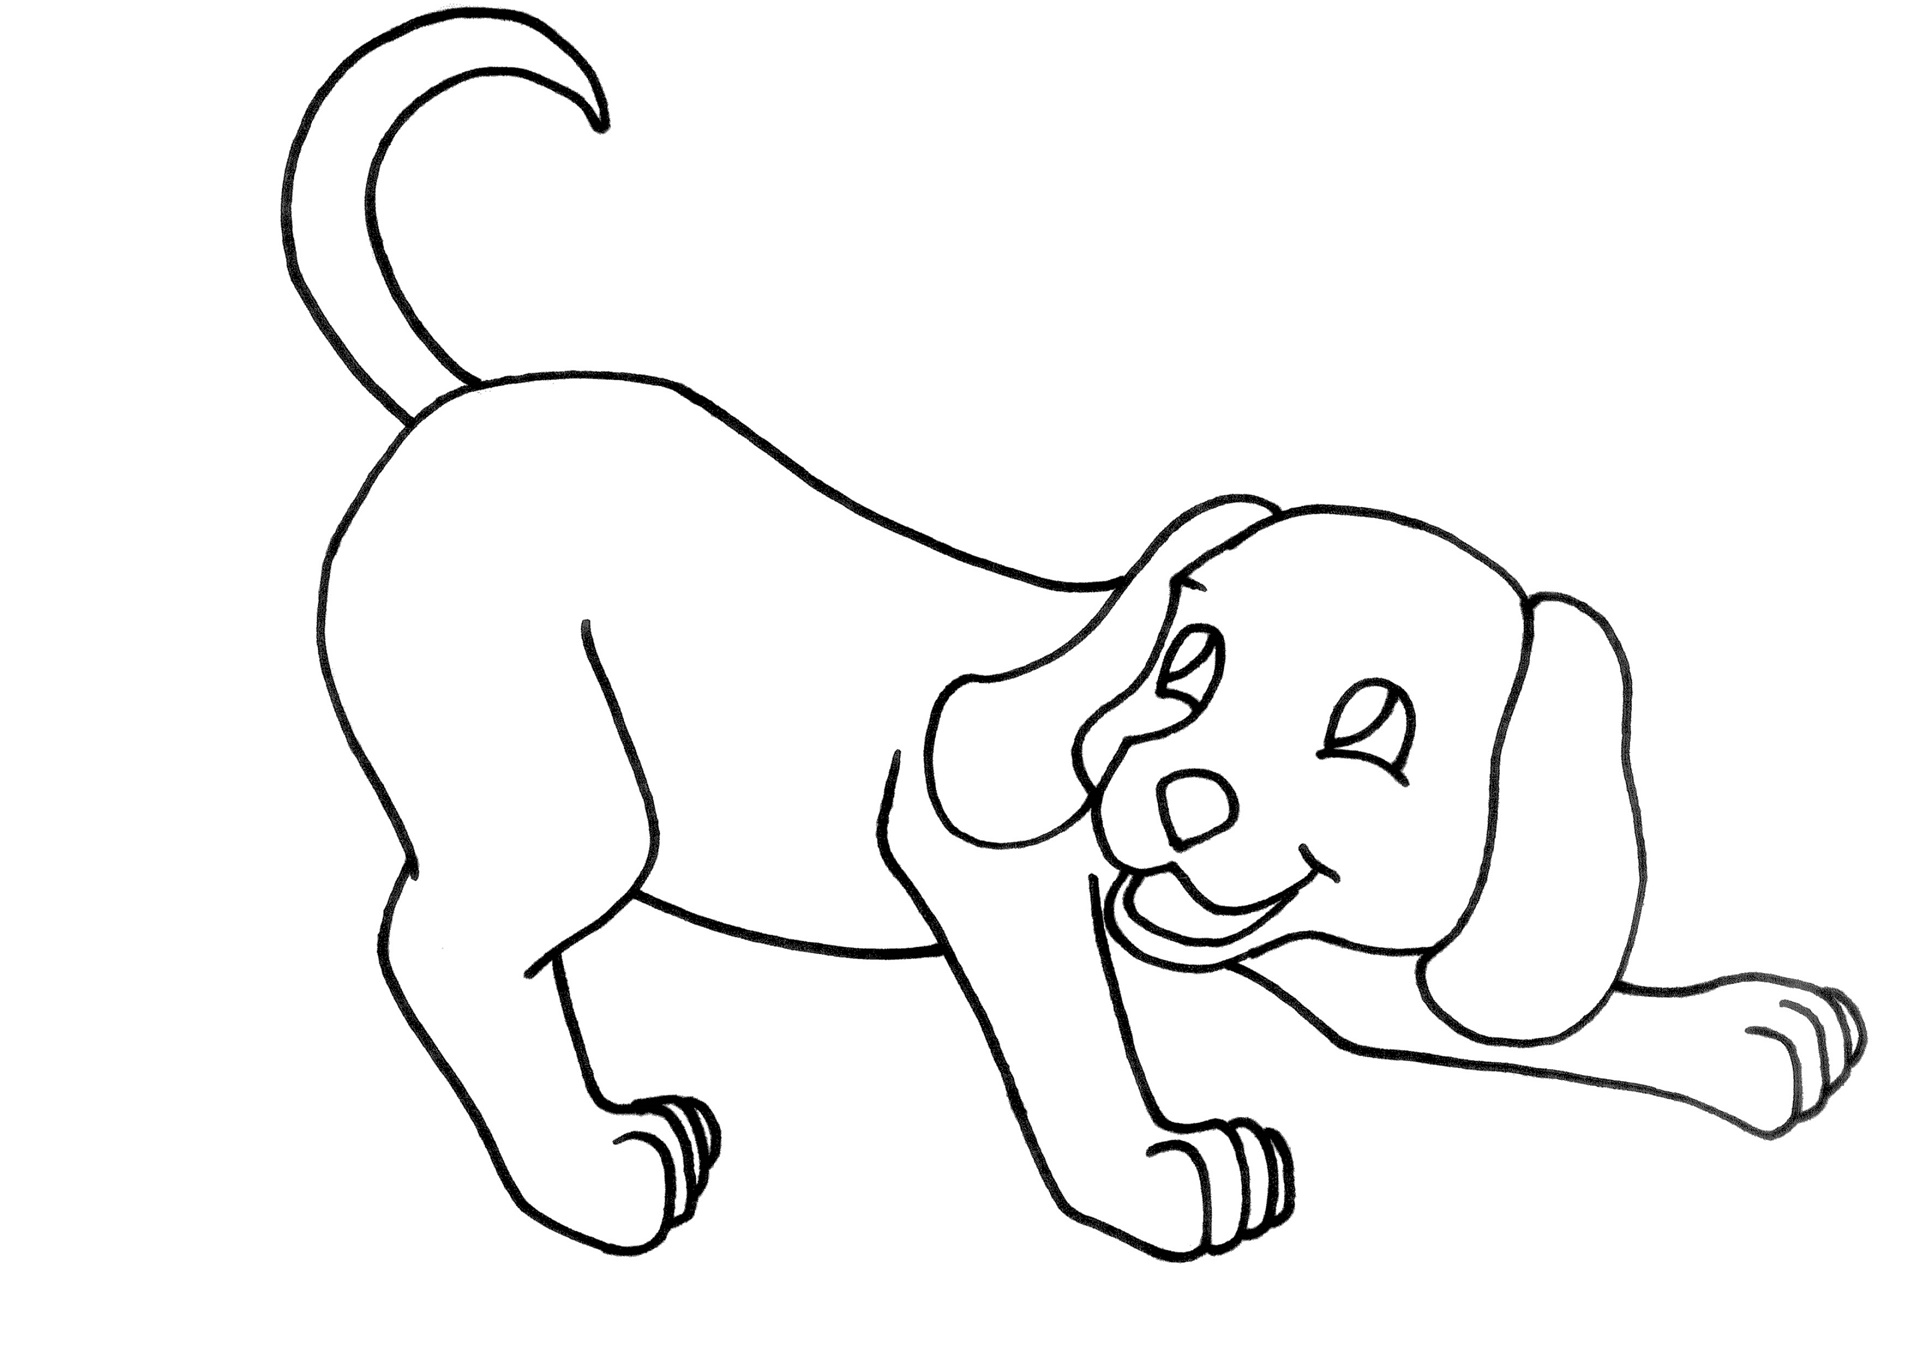 Dibujos De Animales Terrestres Para Colorear E Imprimir: Dibujos De Animales Para Colorear, Pintar E Imprimir Gratis